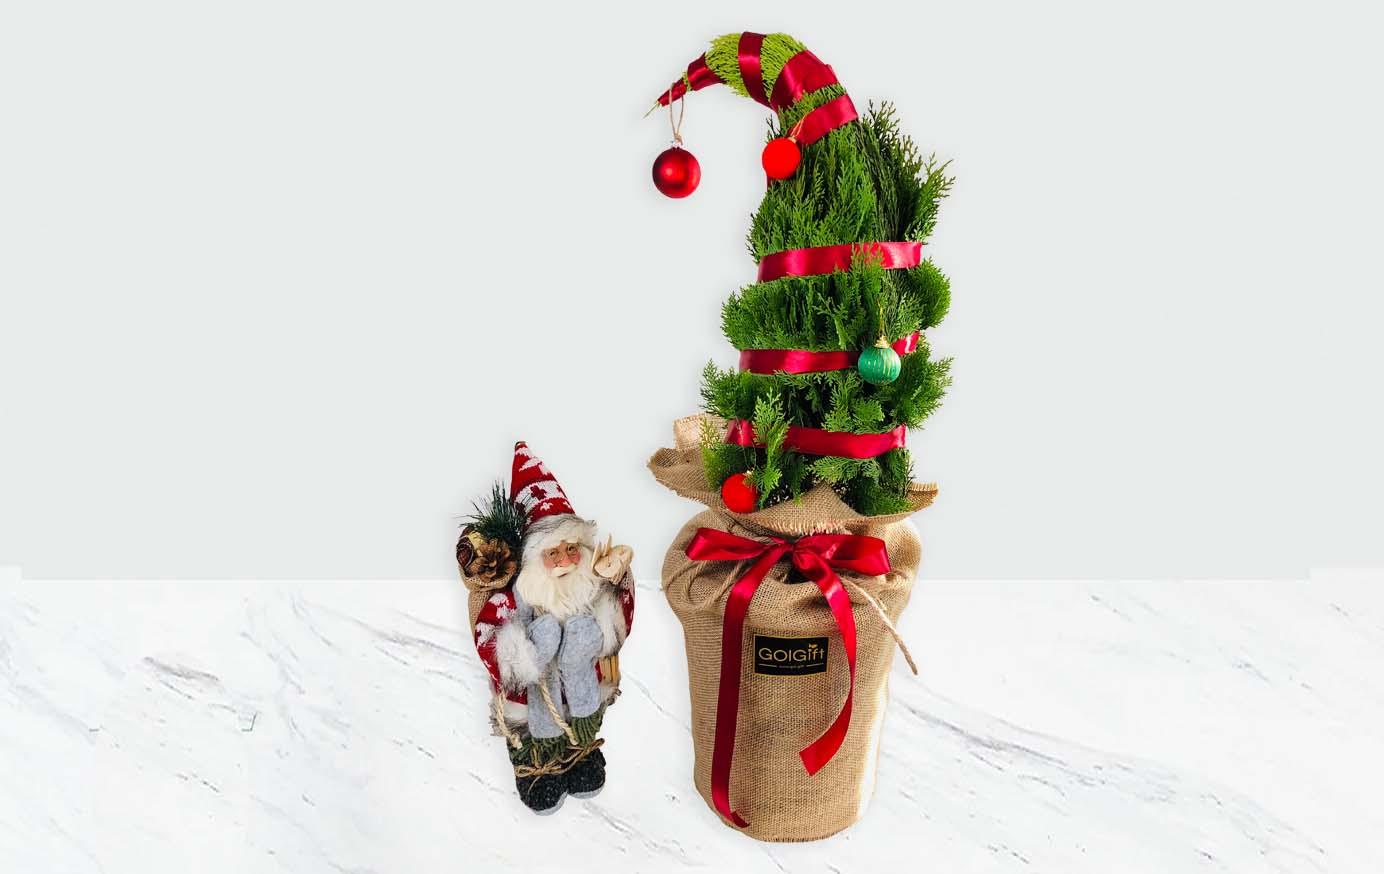 درخت کریسمس به همراه عروسک بابانوئل